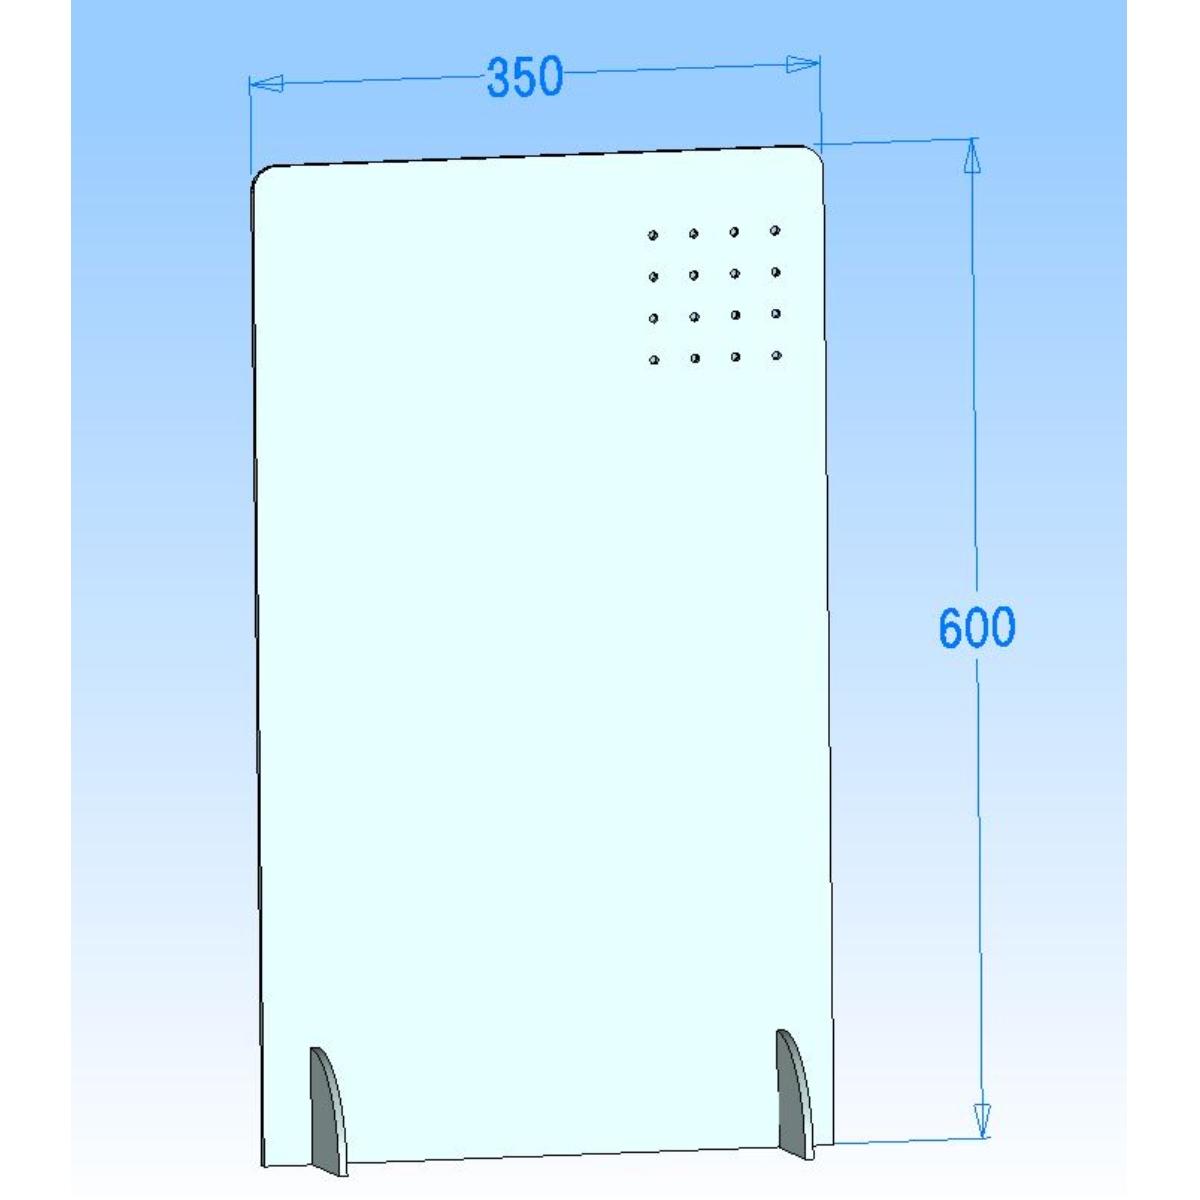 シールドマンYC3560 有孔フック対応 収納付き スリムタイプ飛沫感染防止カウンターパーテーション 飲食業、カフェ、ラーメン、そば、うどん屋などに350mm×600mm(35cm×60cm)